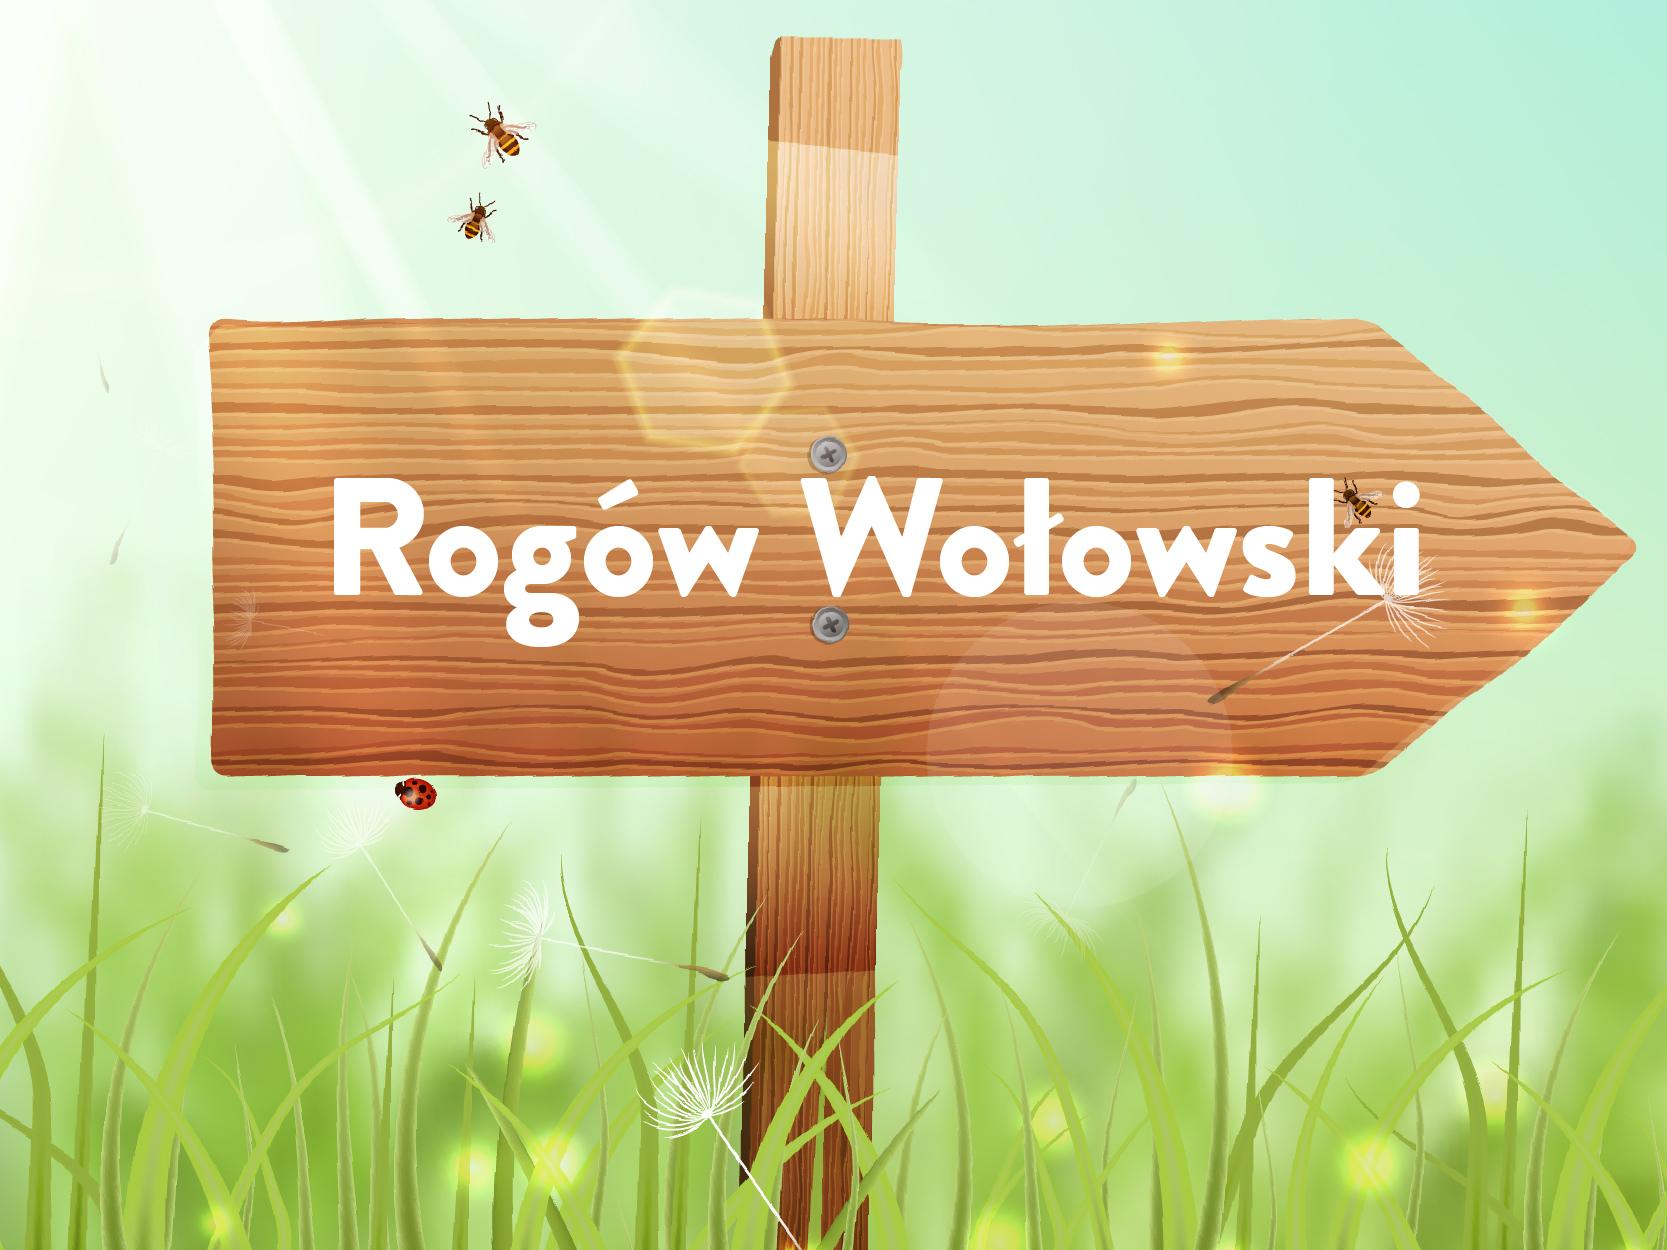 sołectwo Rogów Wołowski